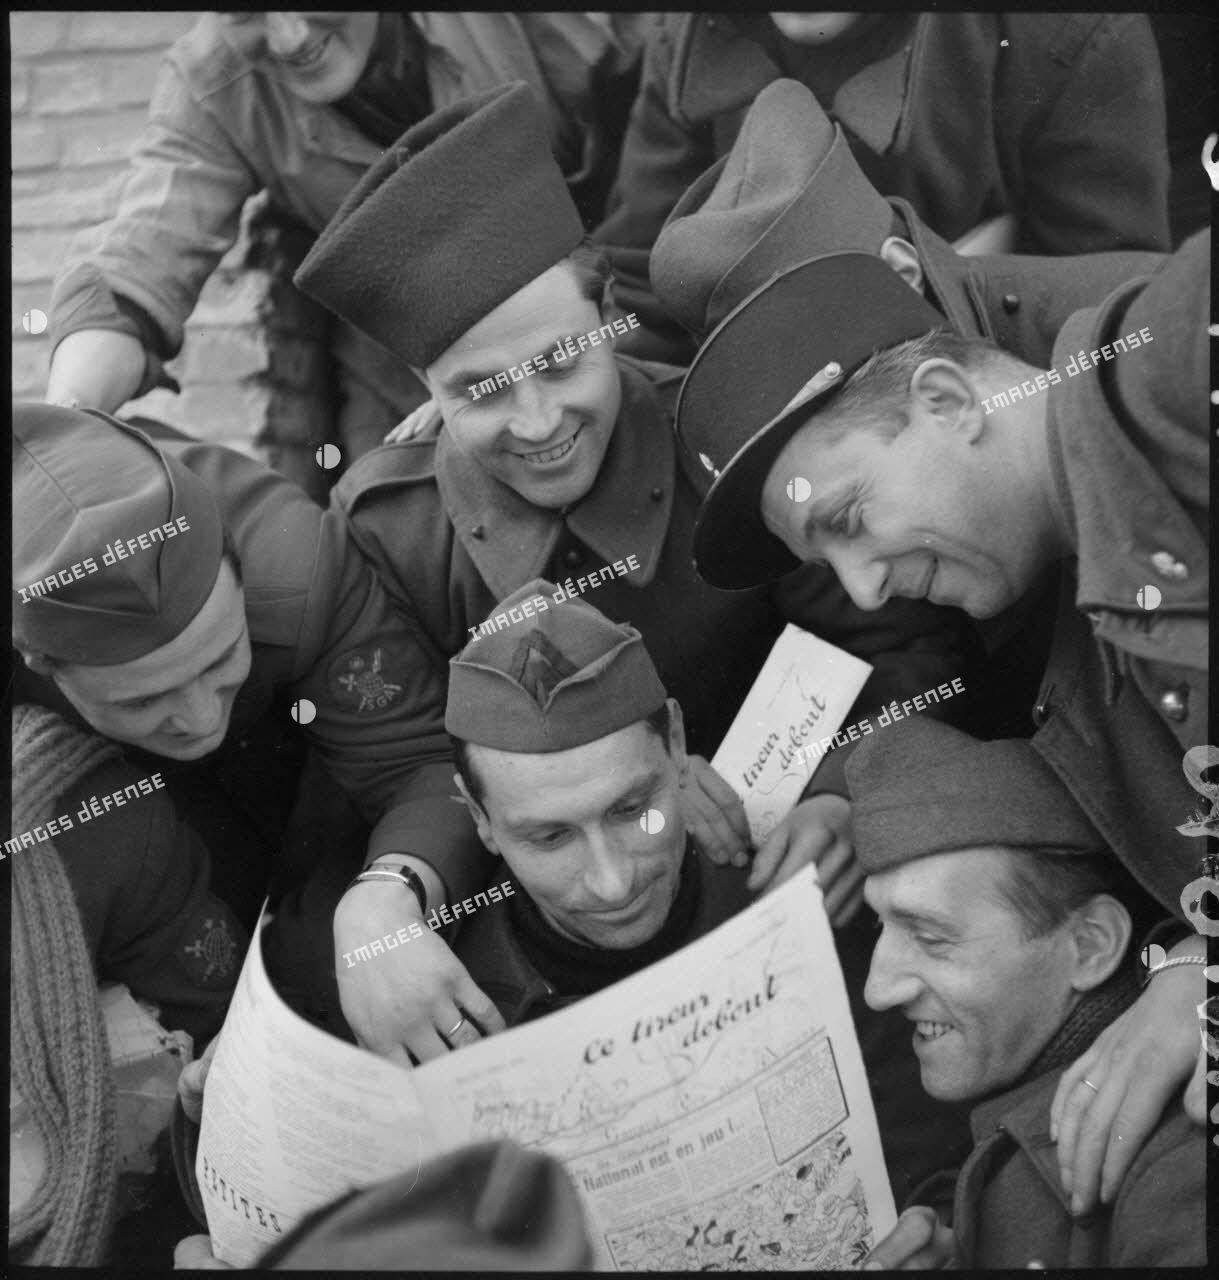 Des soldats de diverses unités (spahis, service géographique des armées...) lisent un numéro du journal de campagne intitulé Le tireur debout.